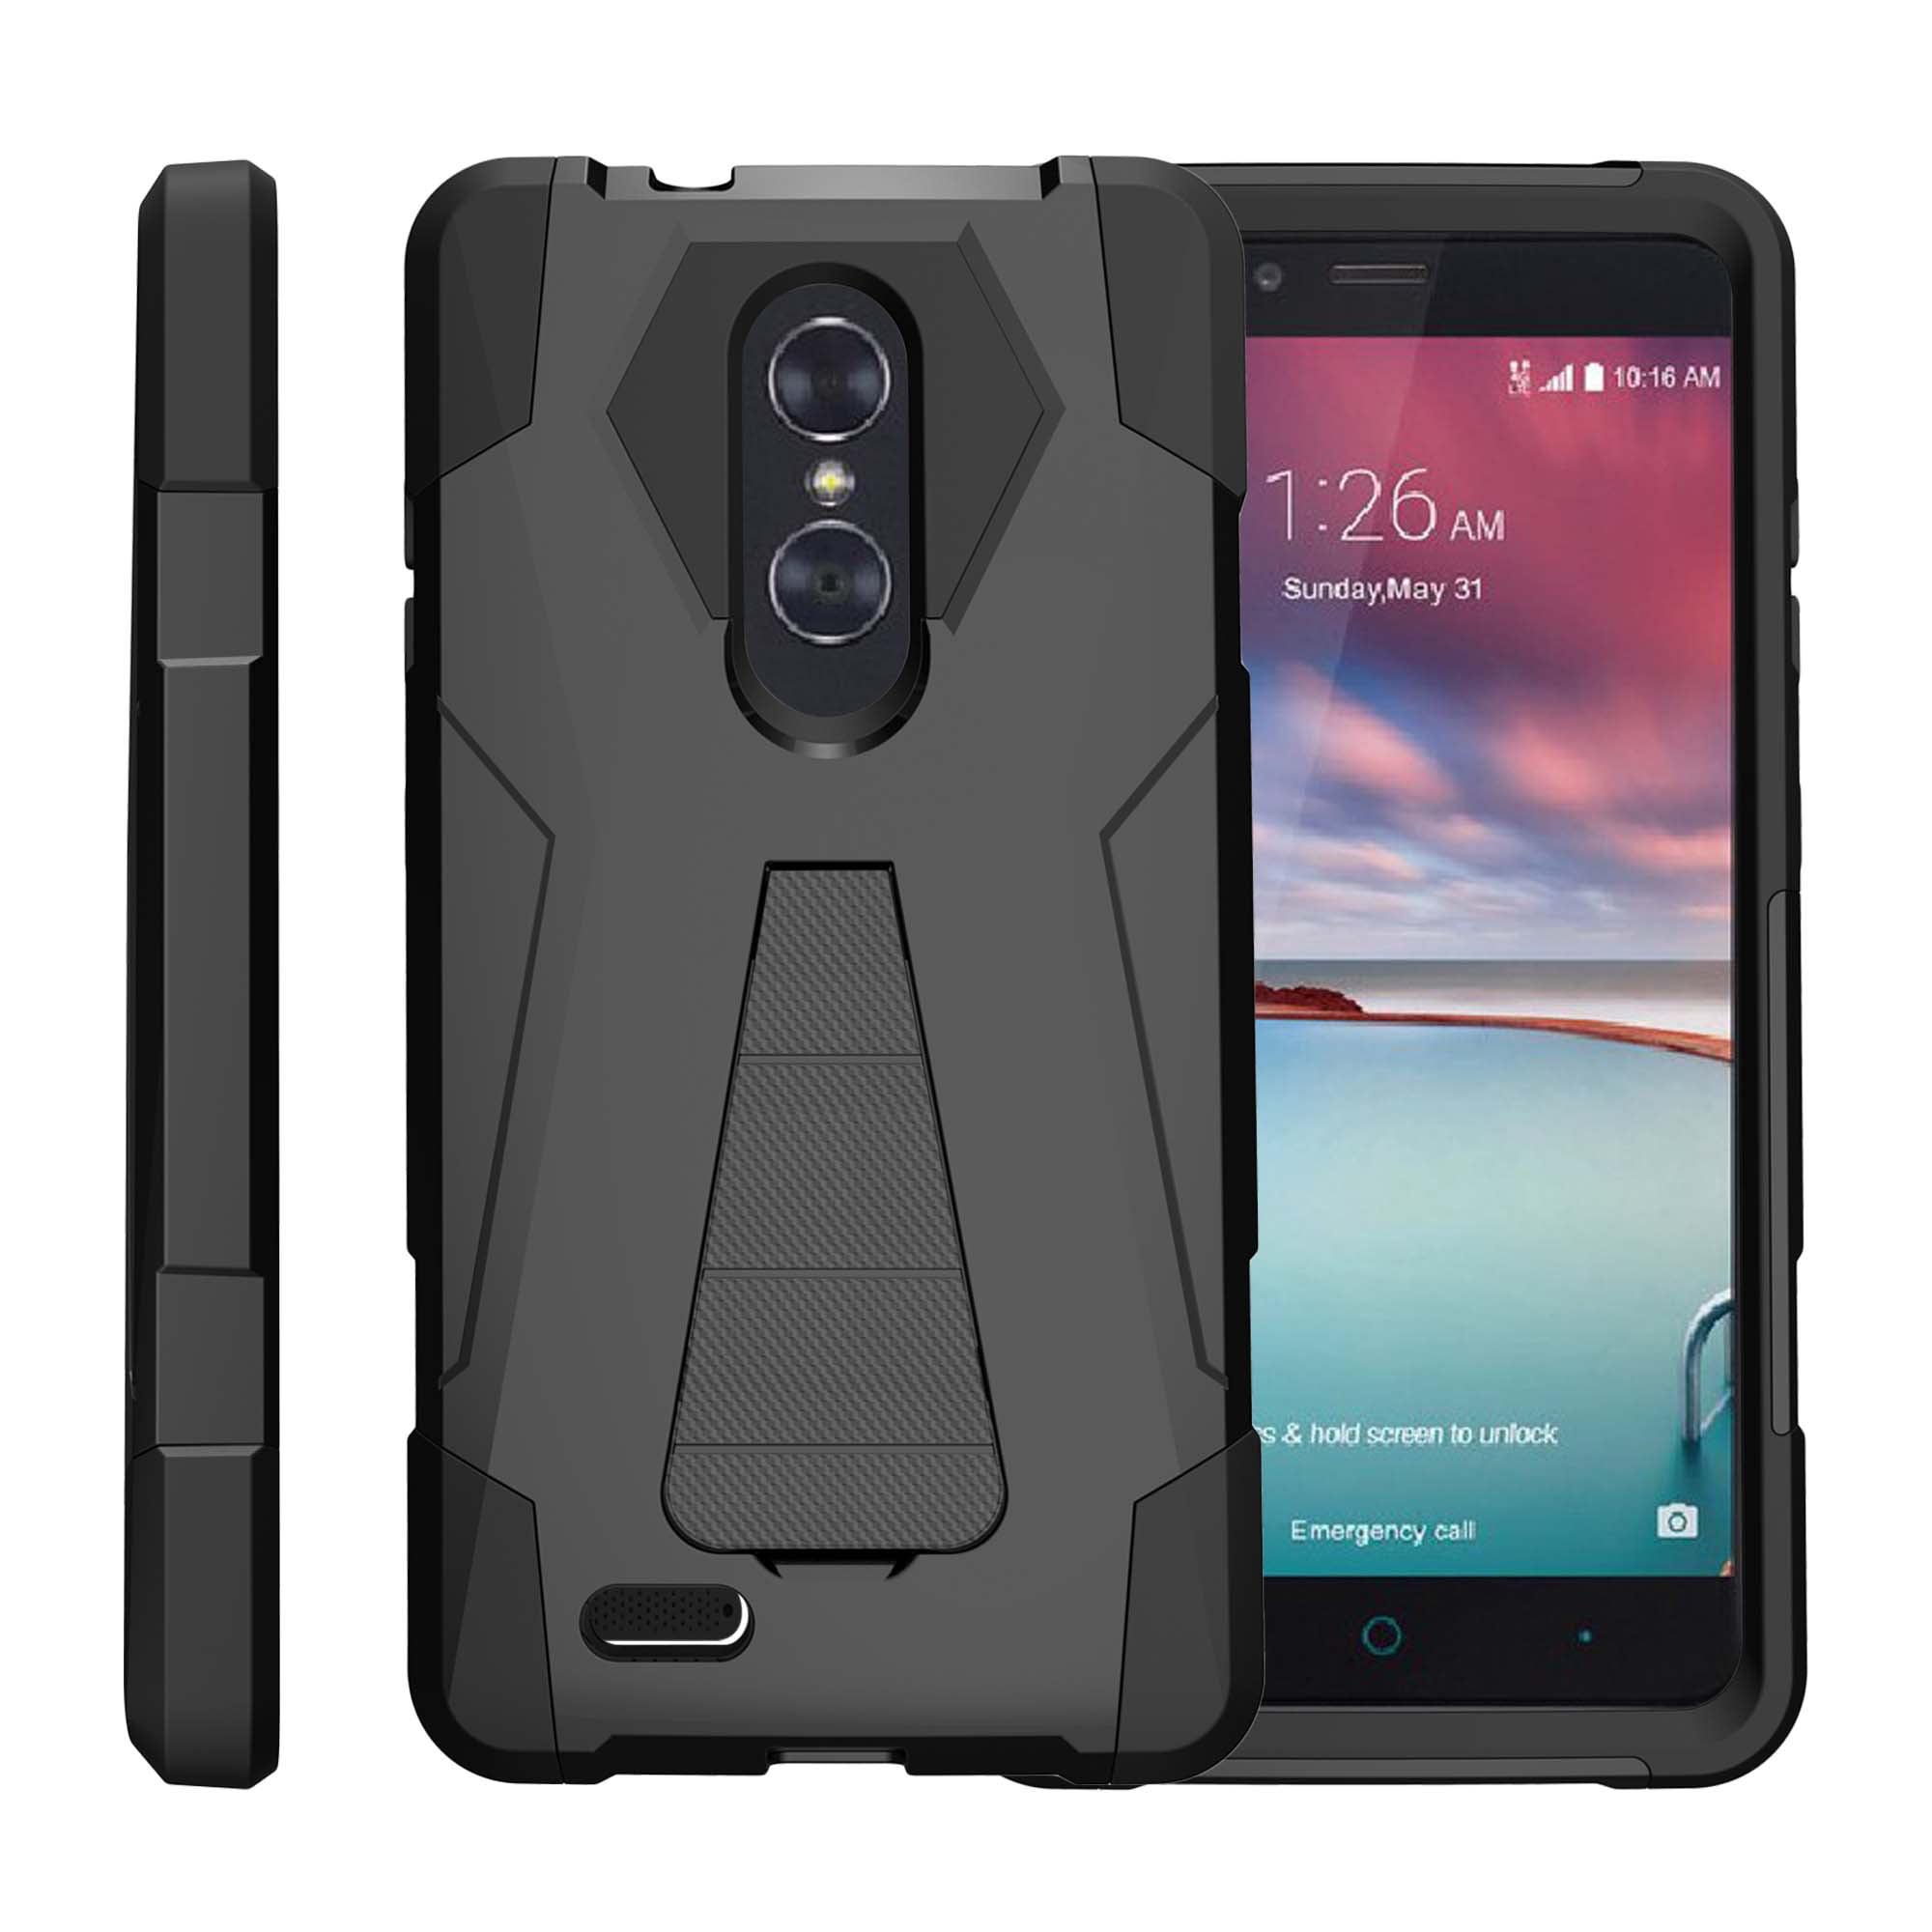 zte z981 metropcs smartphone will launch